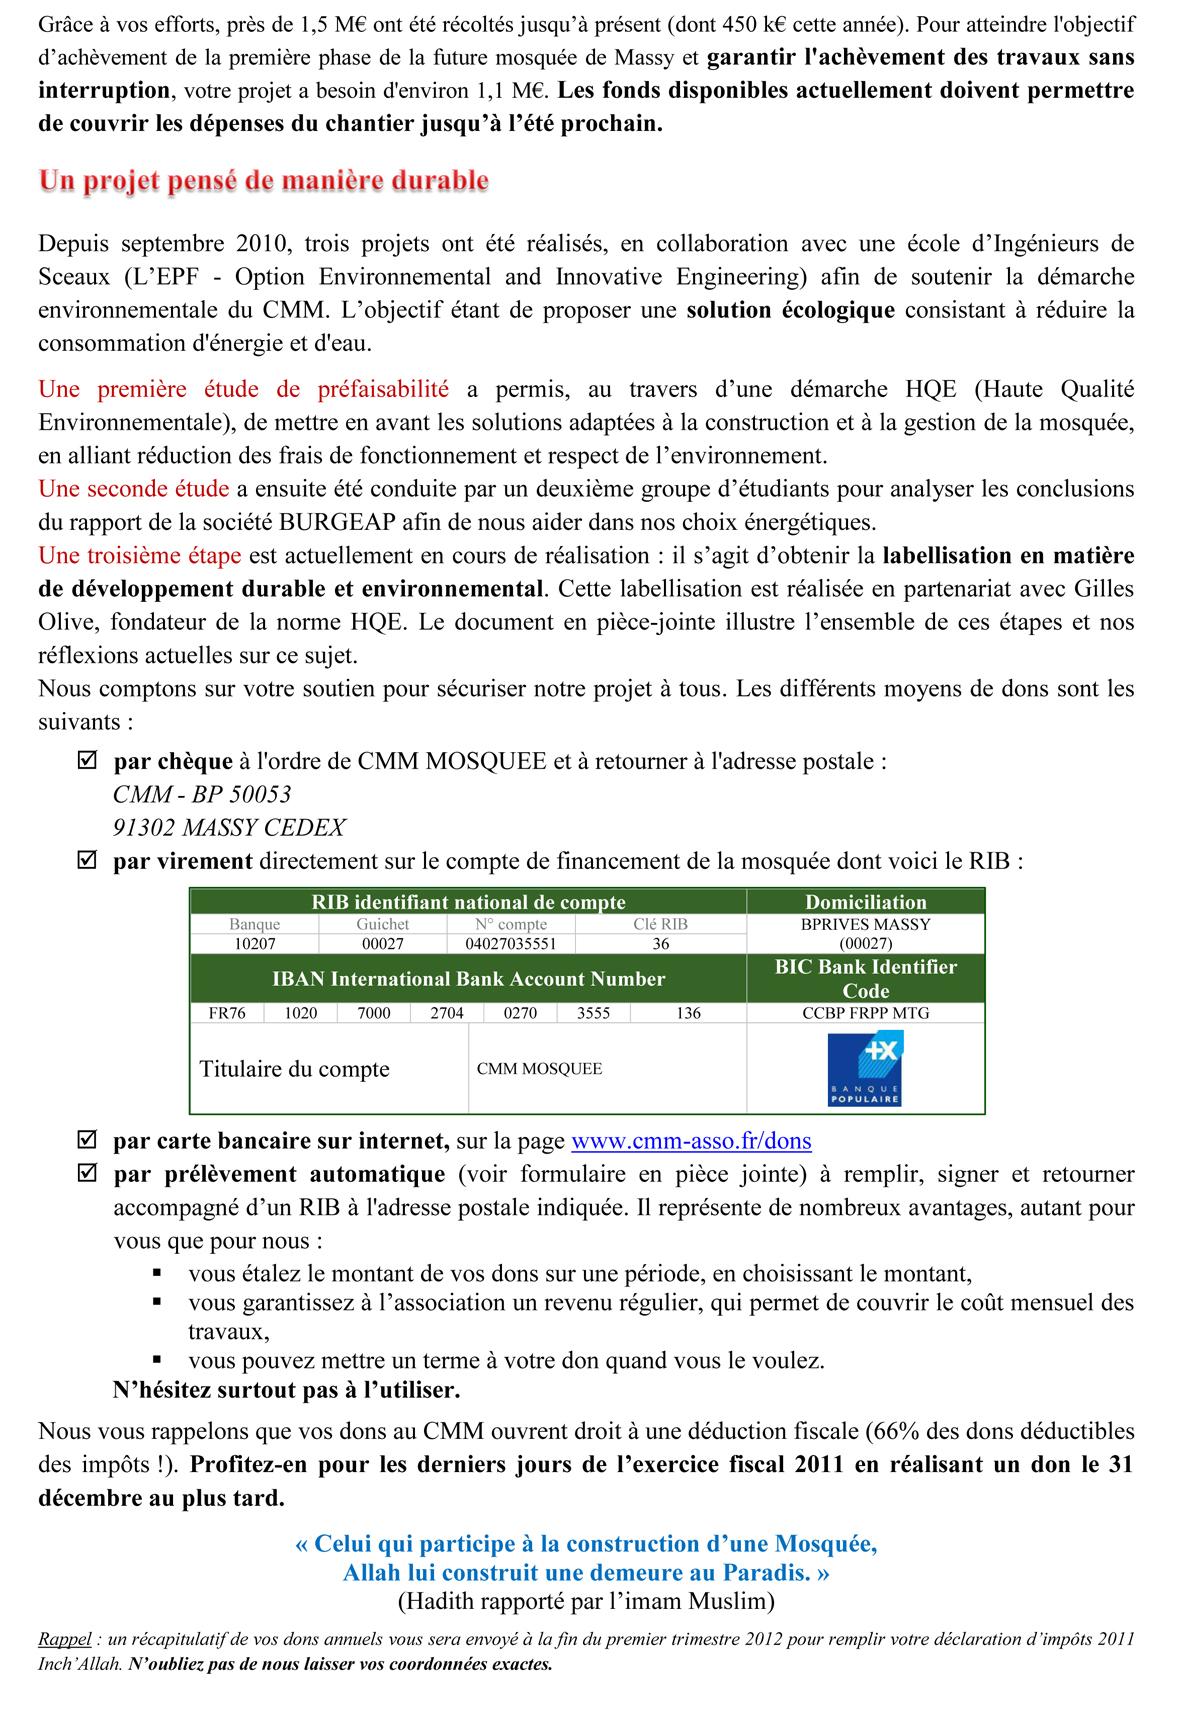 Lettre d'informations sur la construction de la mosquée - page 2